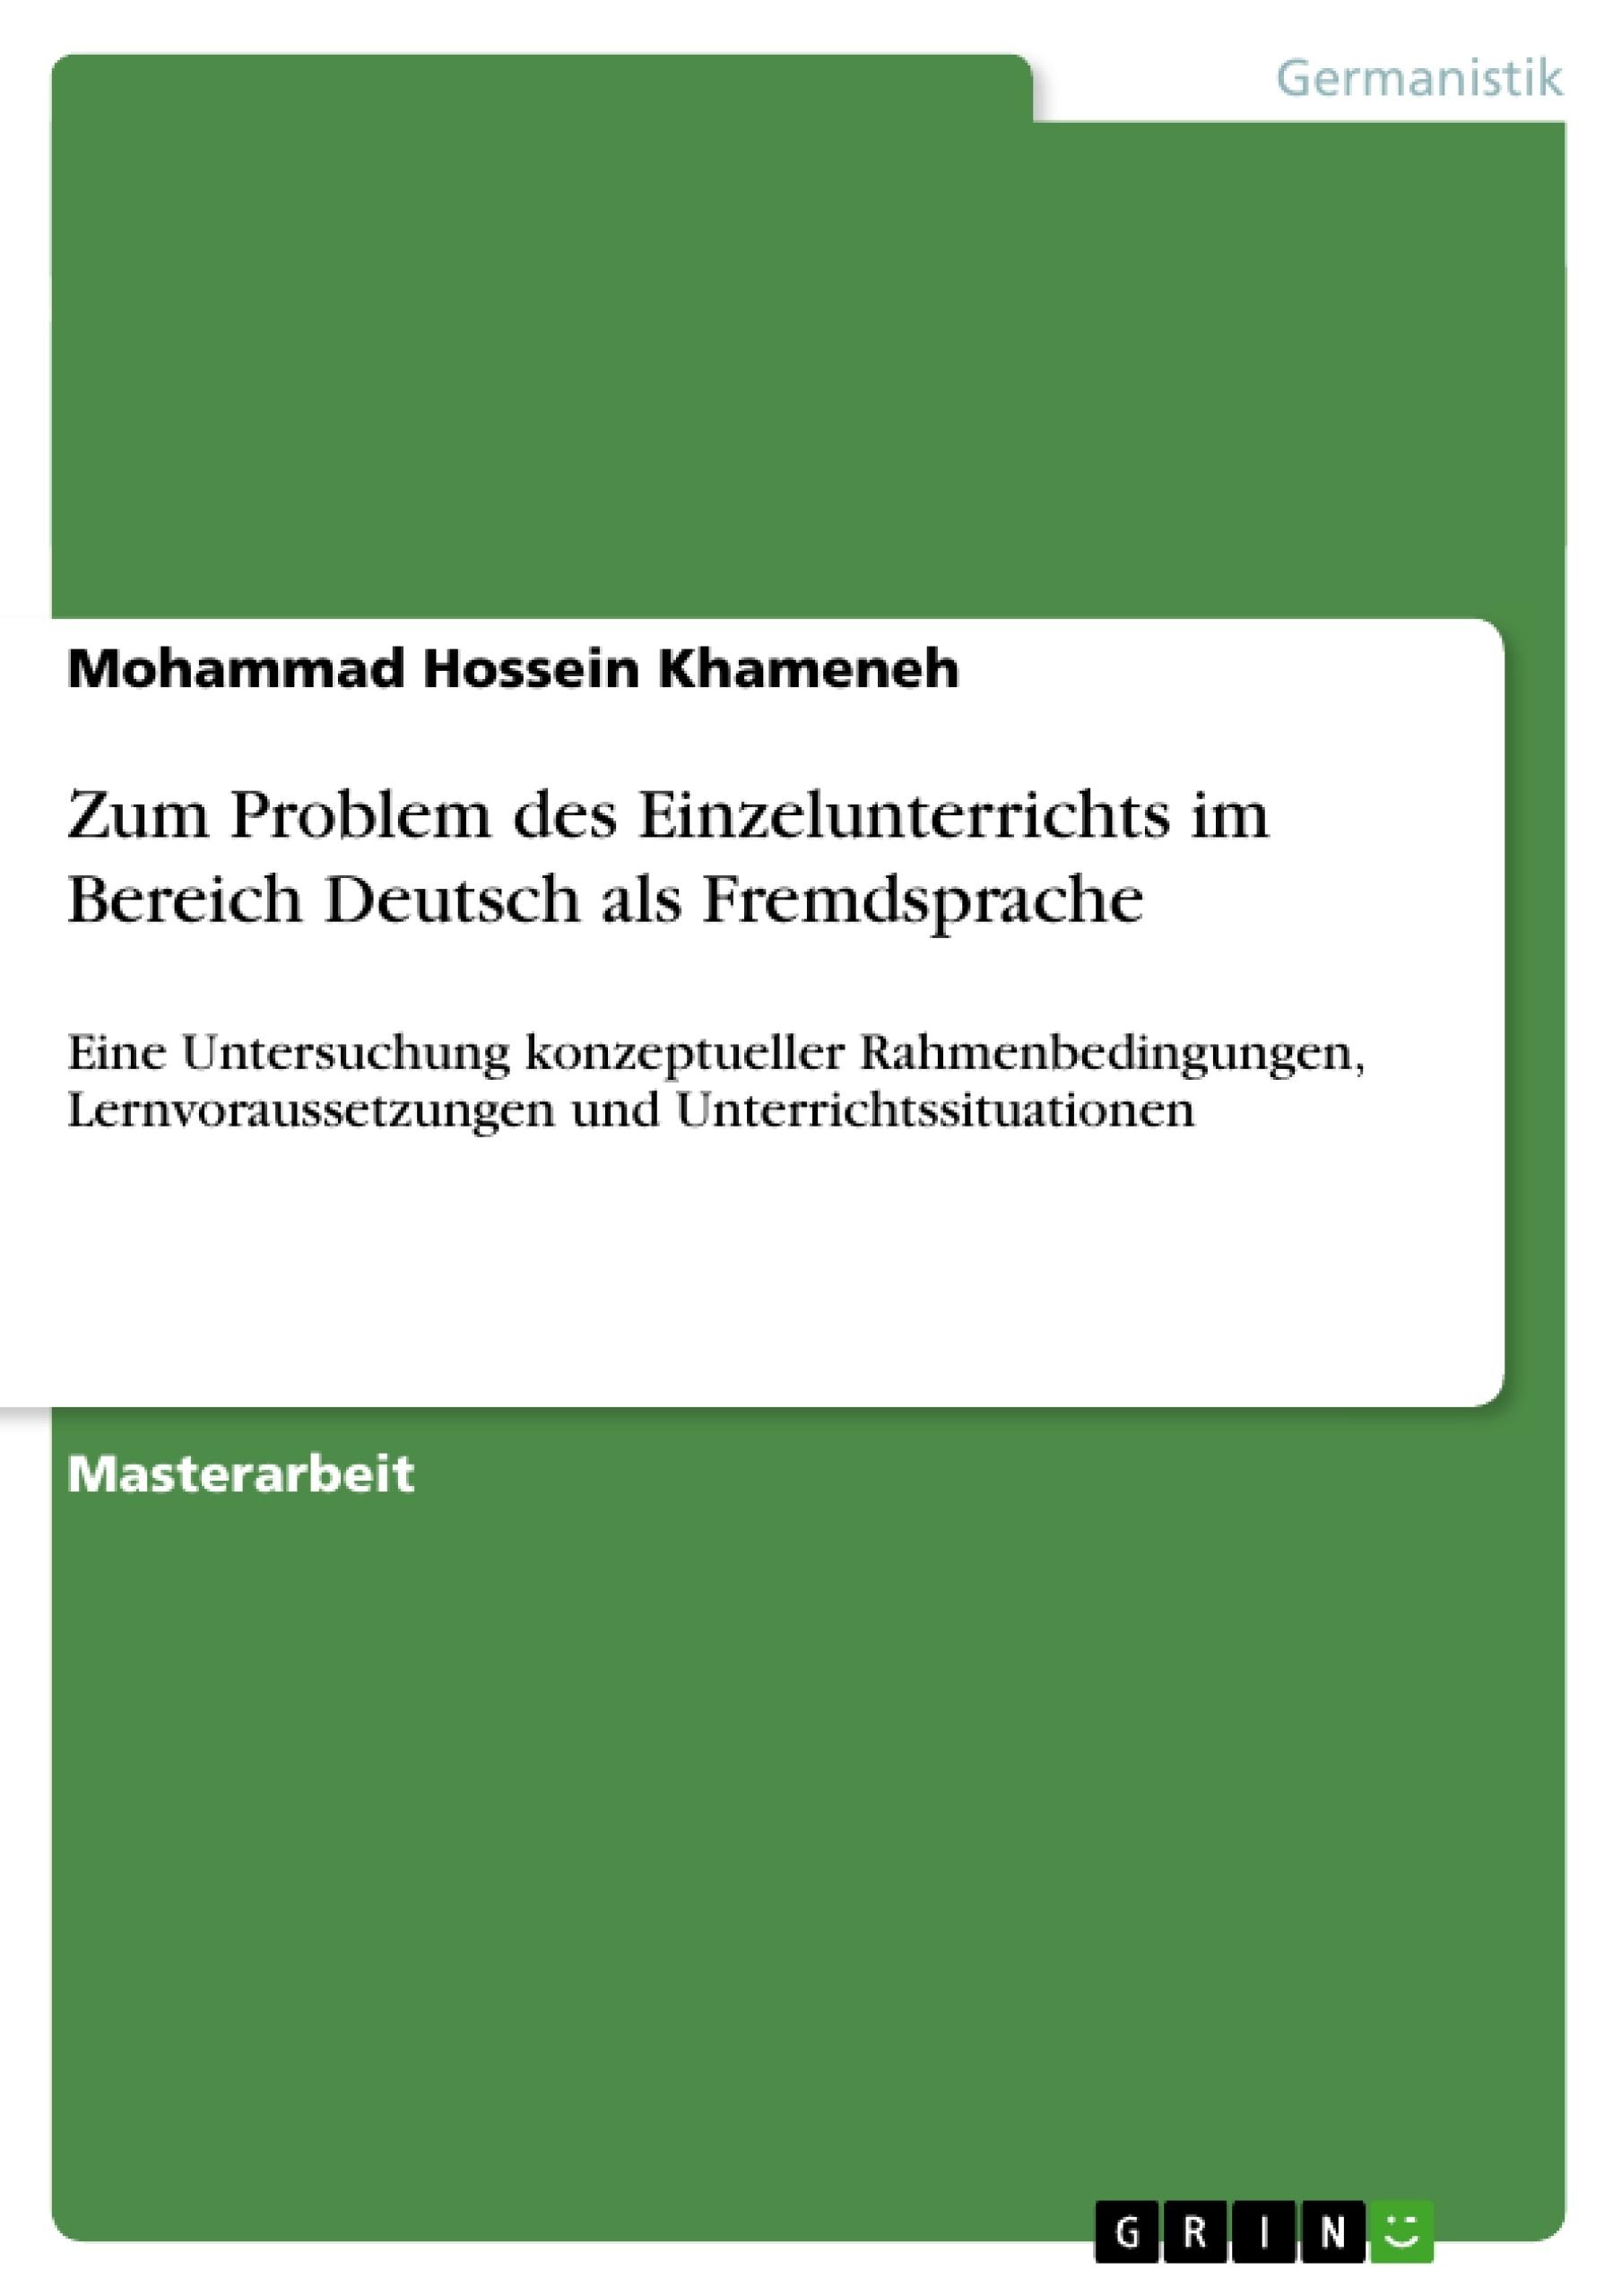 Zum Problem des Einzelunterrichts im Bereich Deutsch als ...